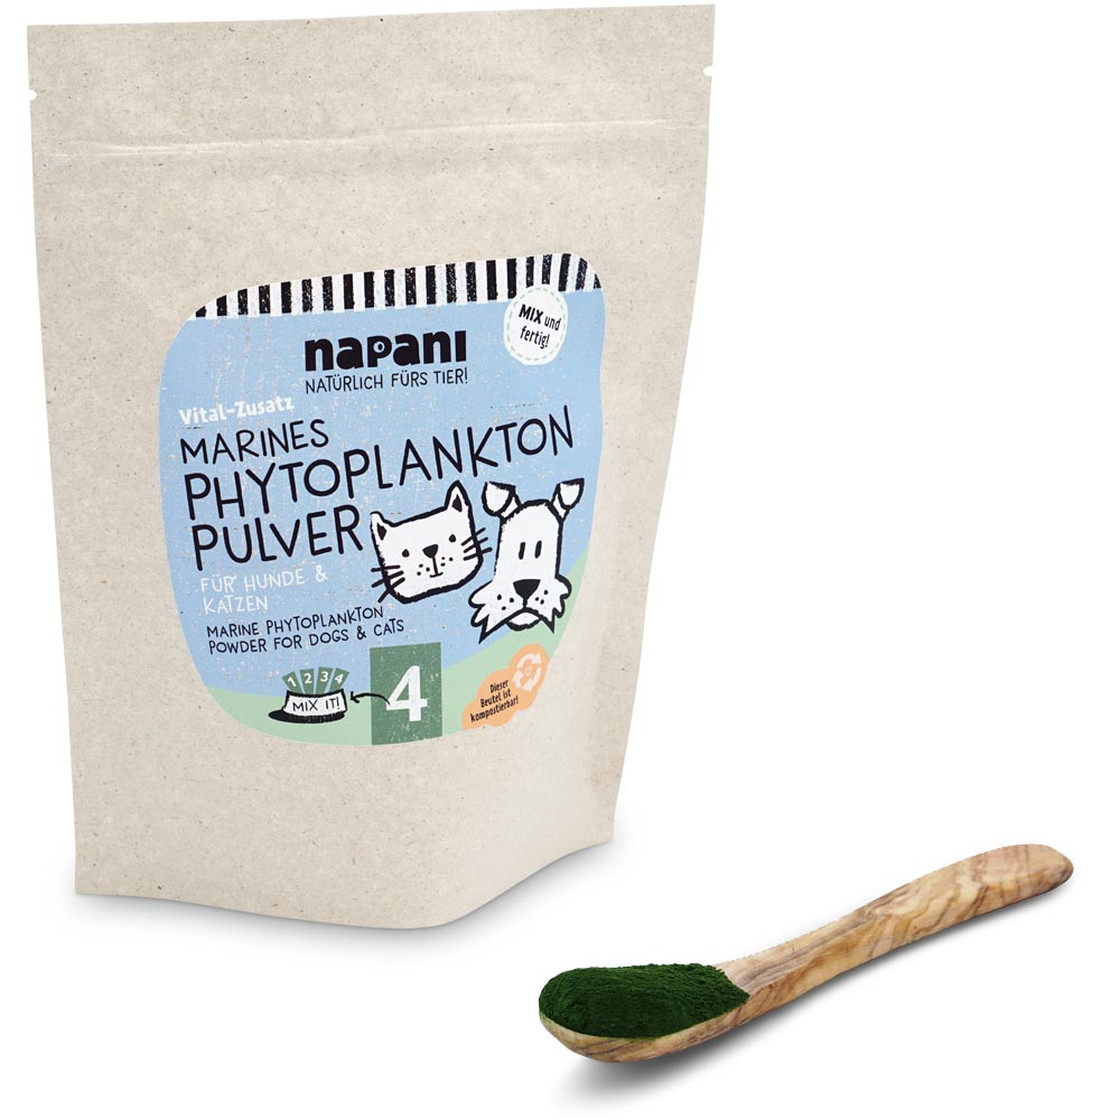 マリネスフィトプランクトン 犬&猫用(Marines Phytoplankton Pulver)